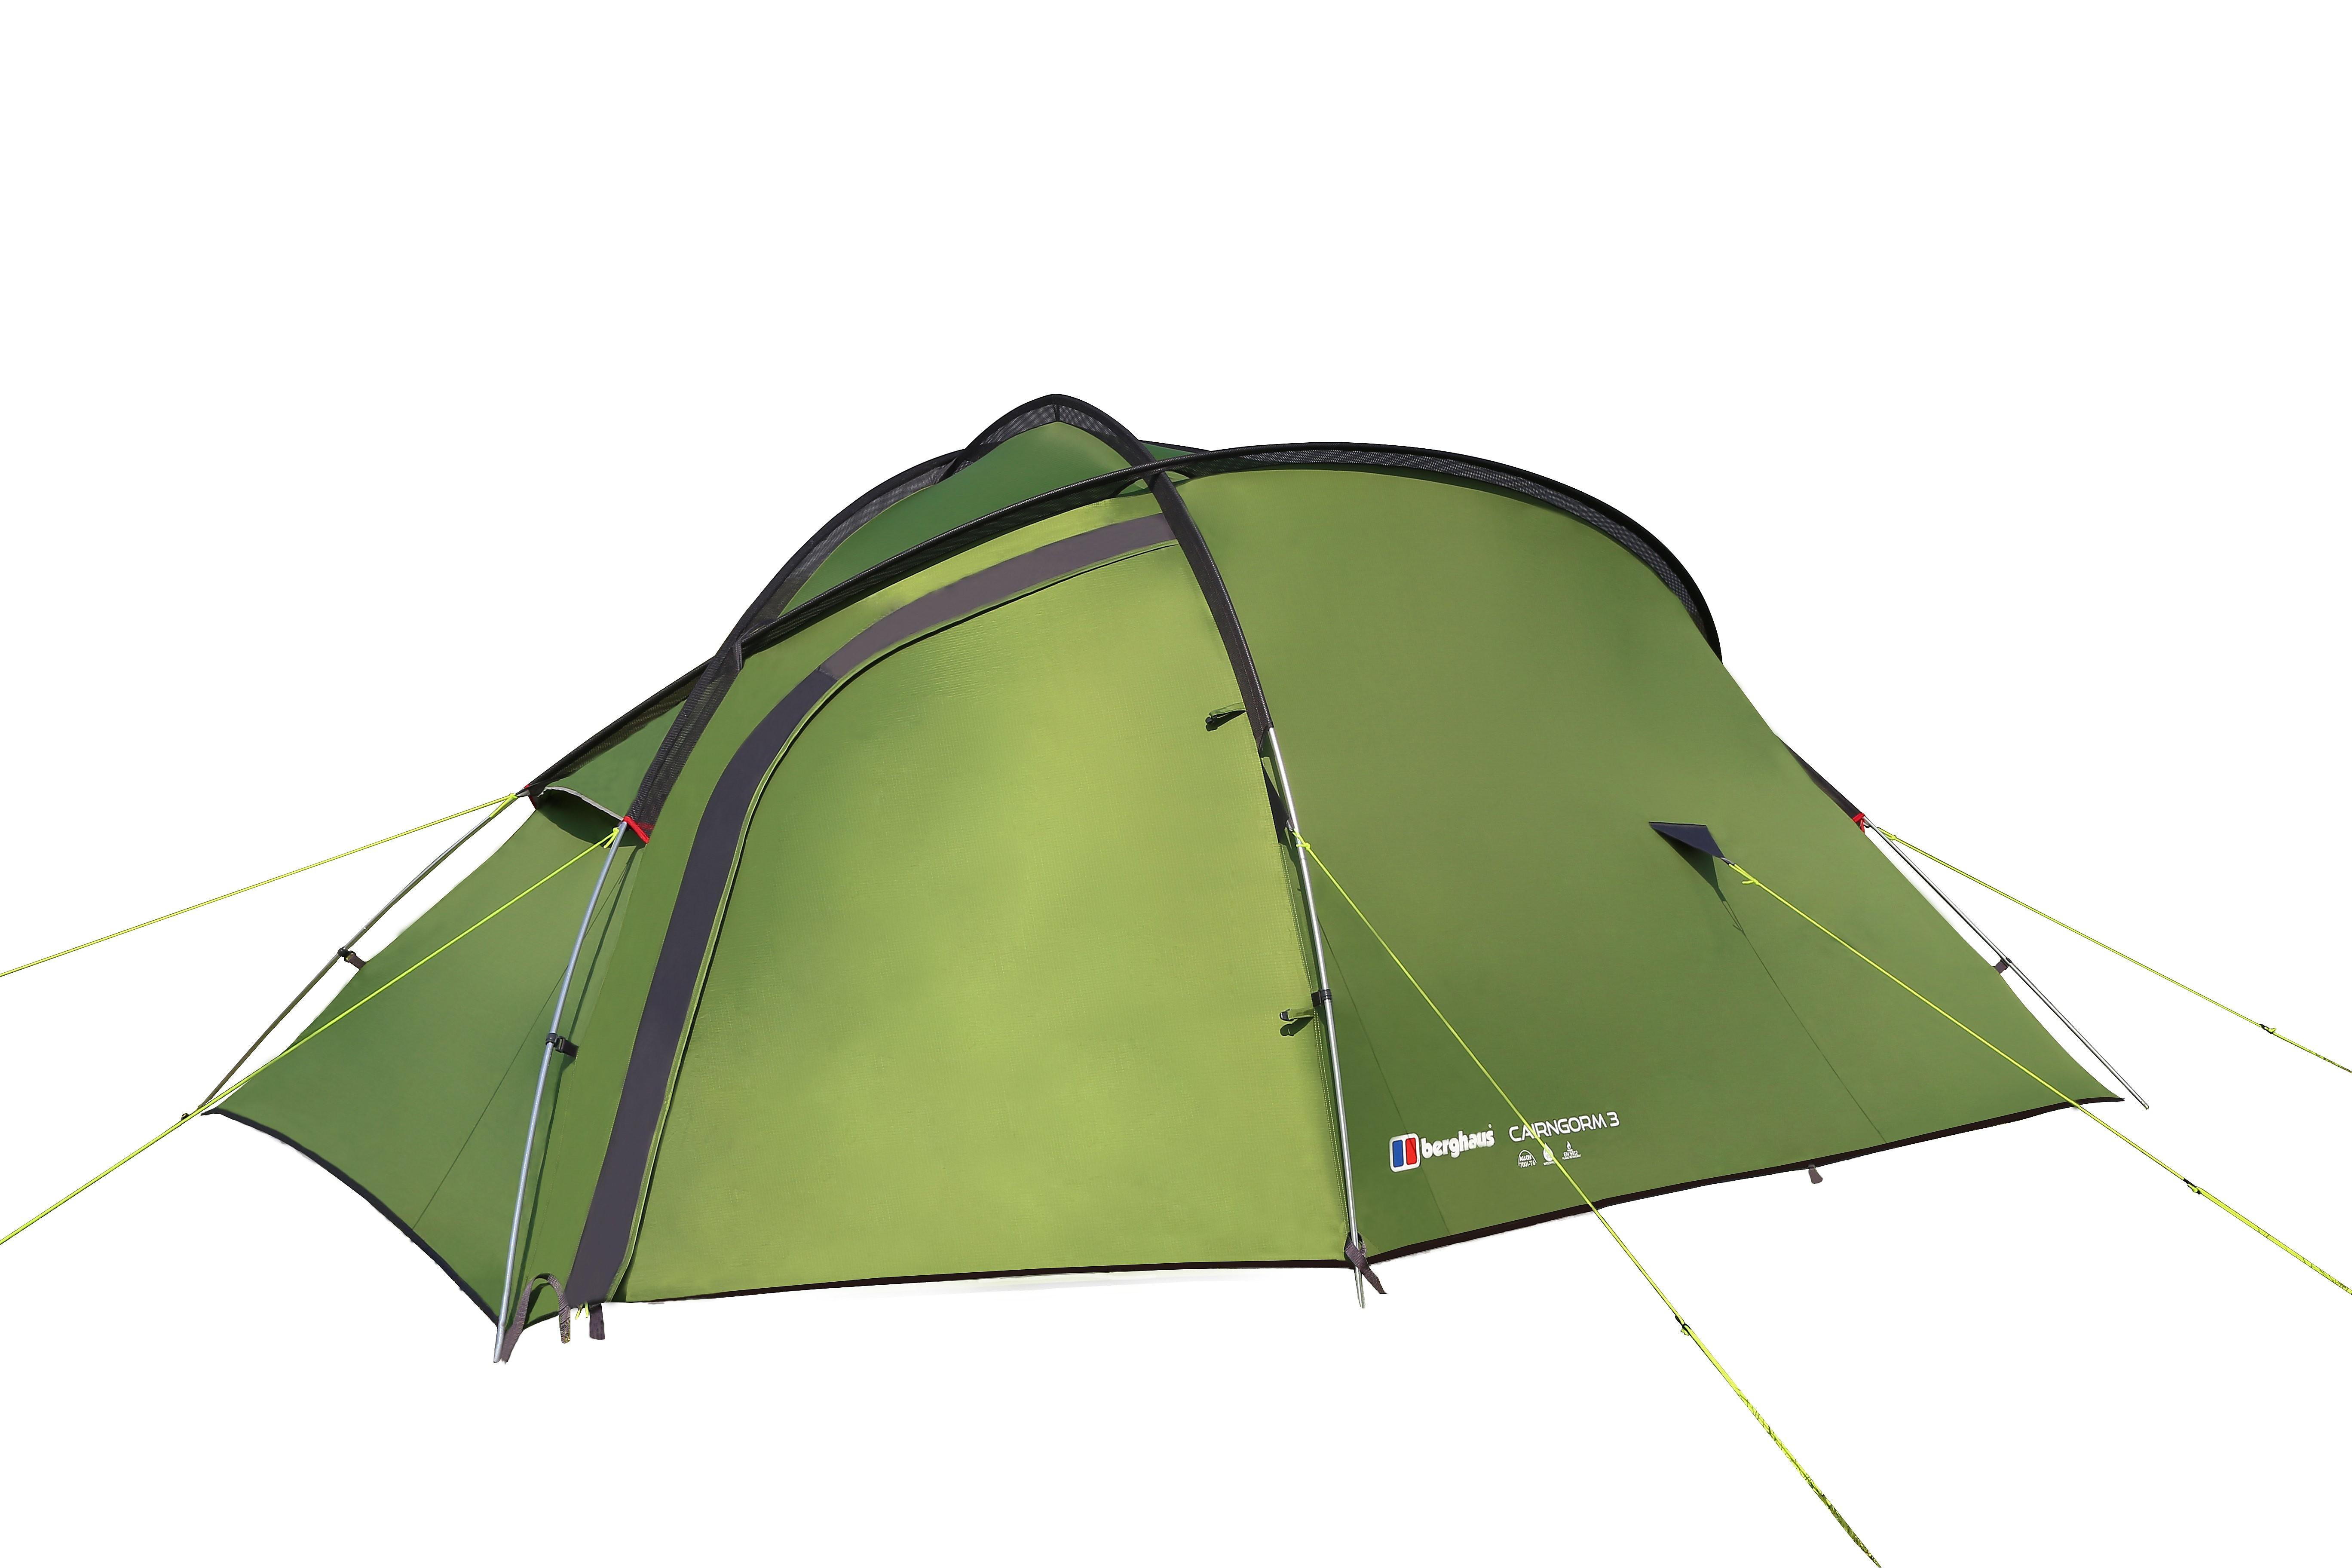 Berghaus Cairngorm 3 Man Tent